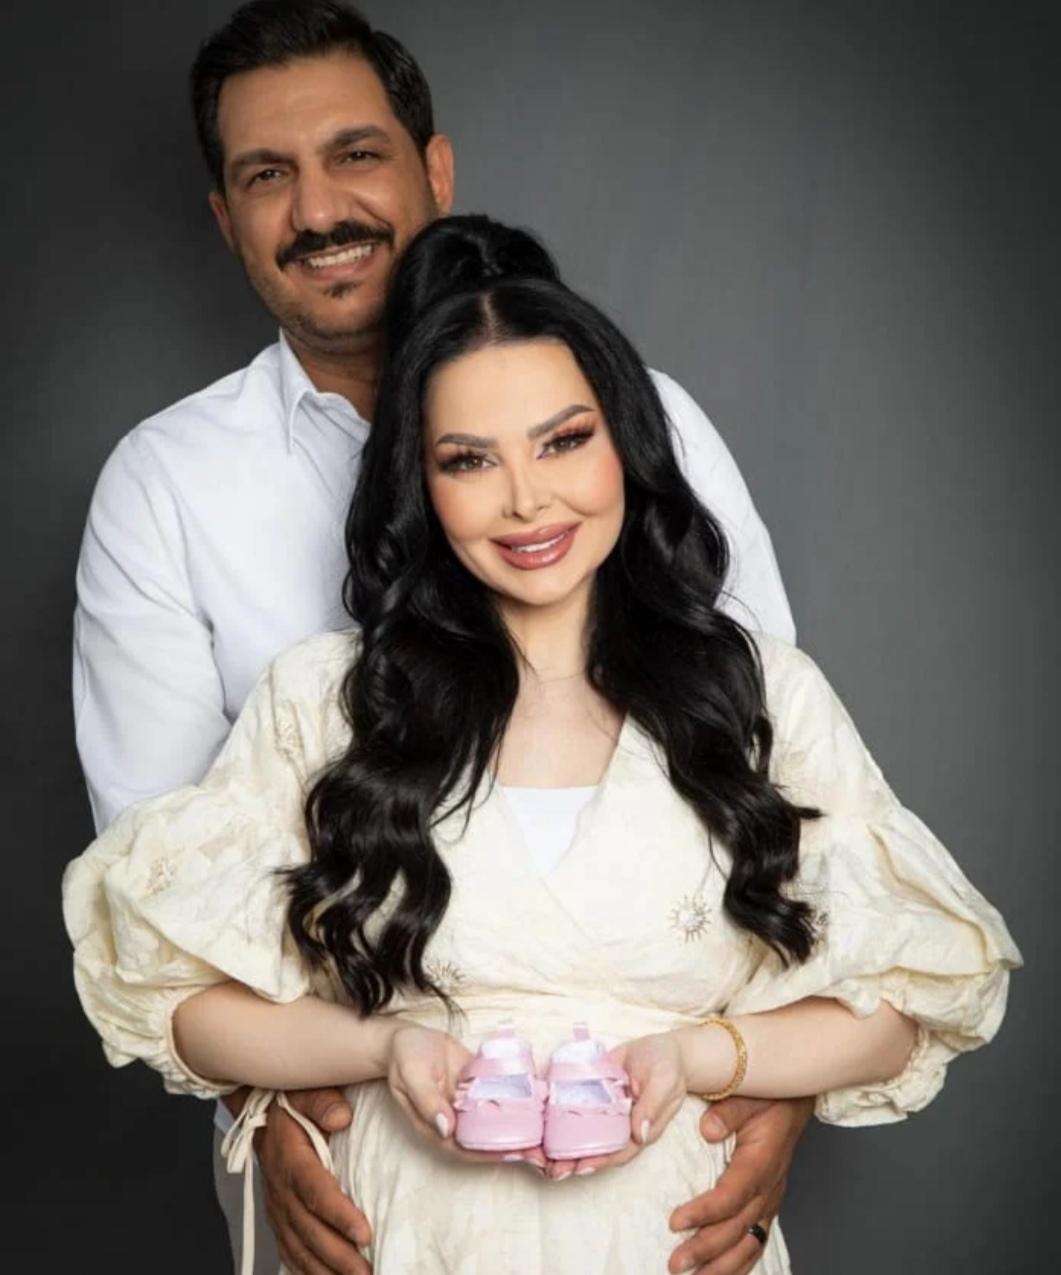 ديانا كرزون تستقبل مولودتها الأولى وزوجها معاذ العمري يعلن الخبر